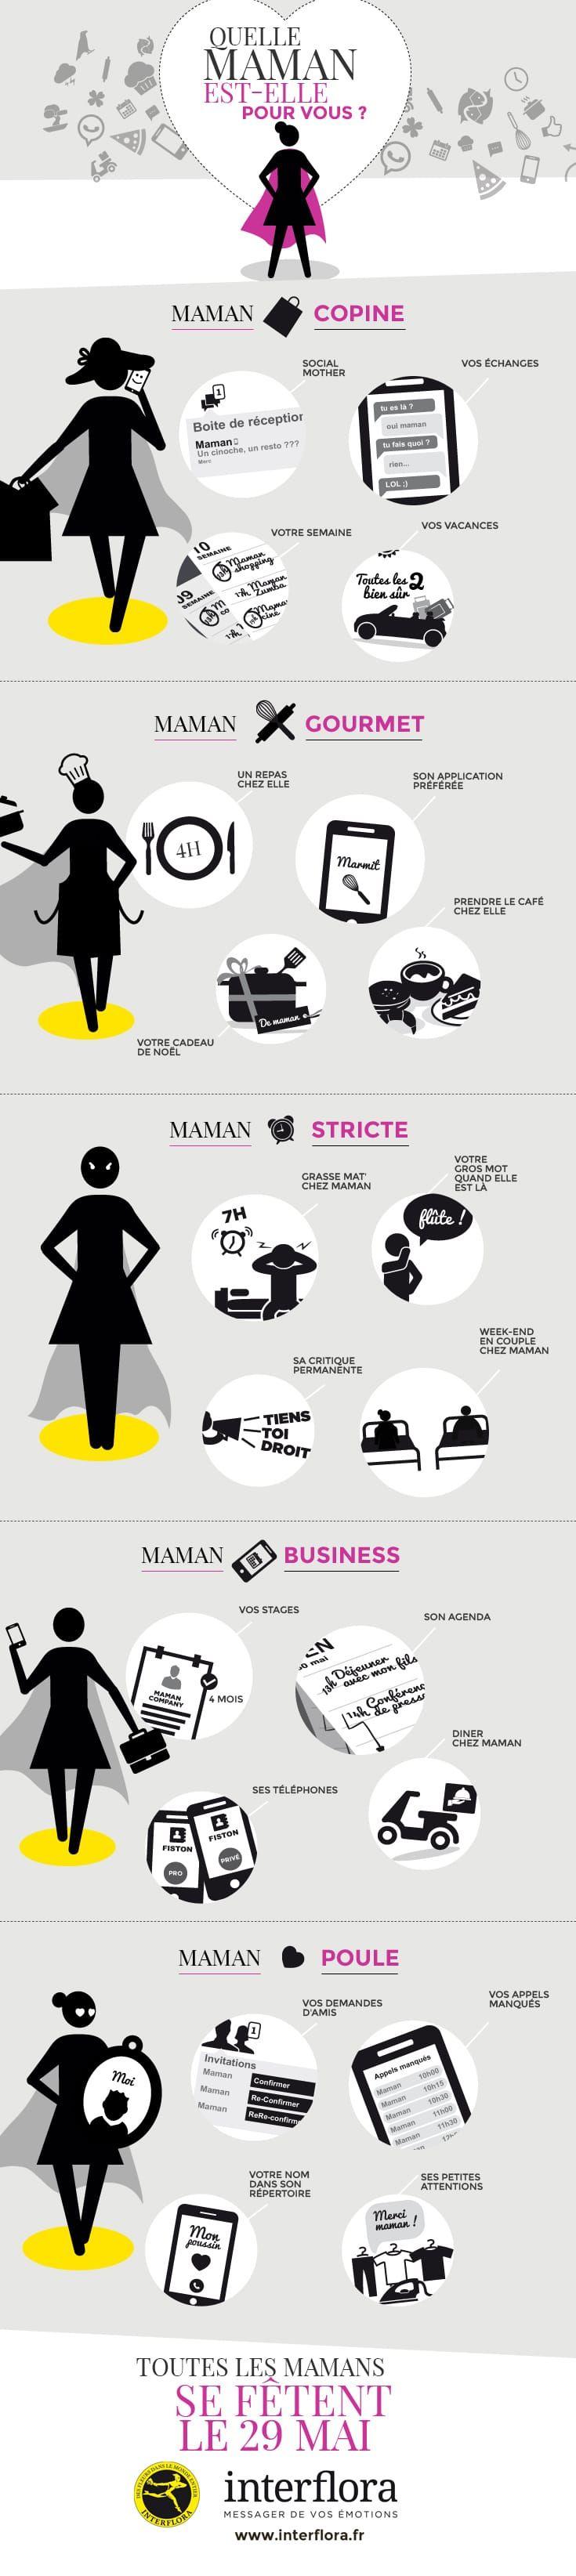 El Conde. fr: Fête des mères: Quelle type de maman est-elle pour...